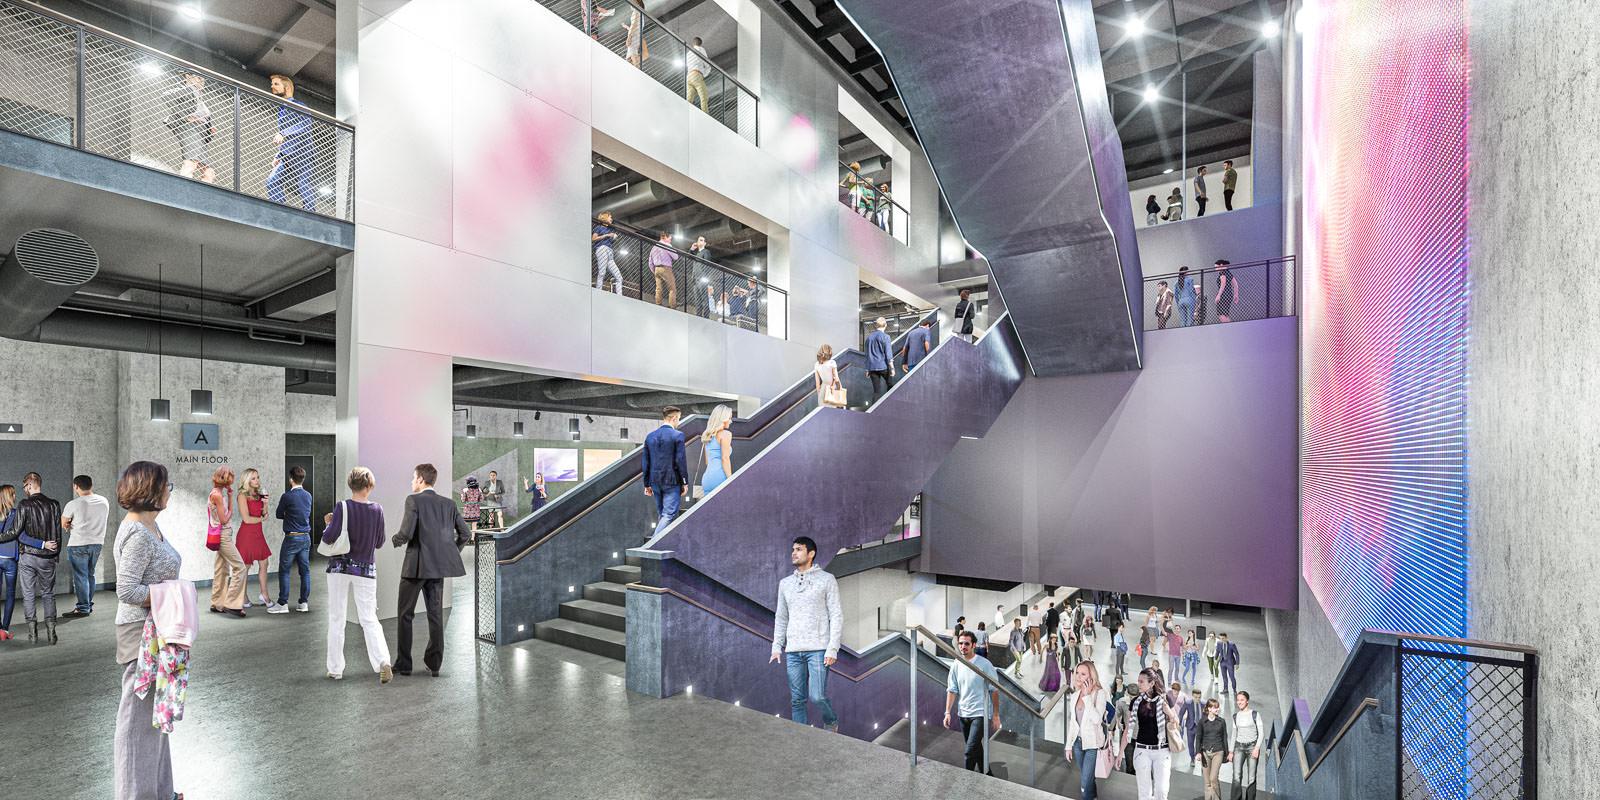 Verti Music Hall, Berlin - Aukett Heese Architekten / Anschutz Entertainment Group